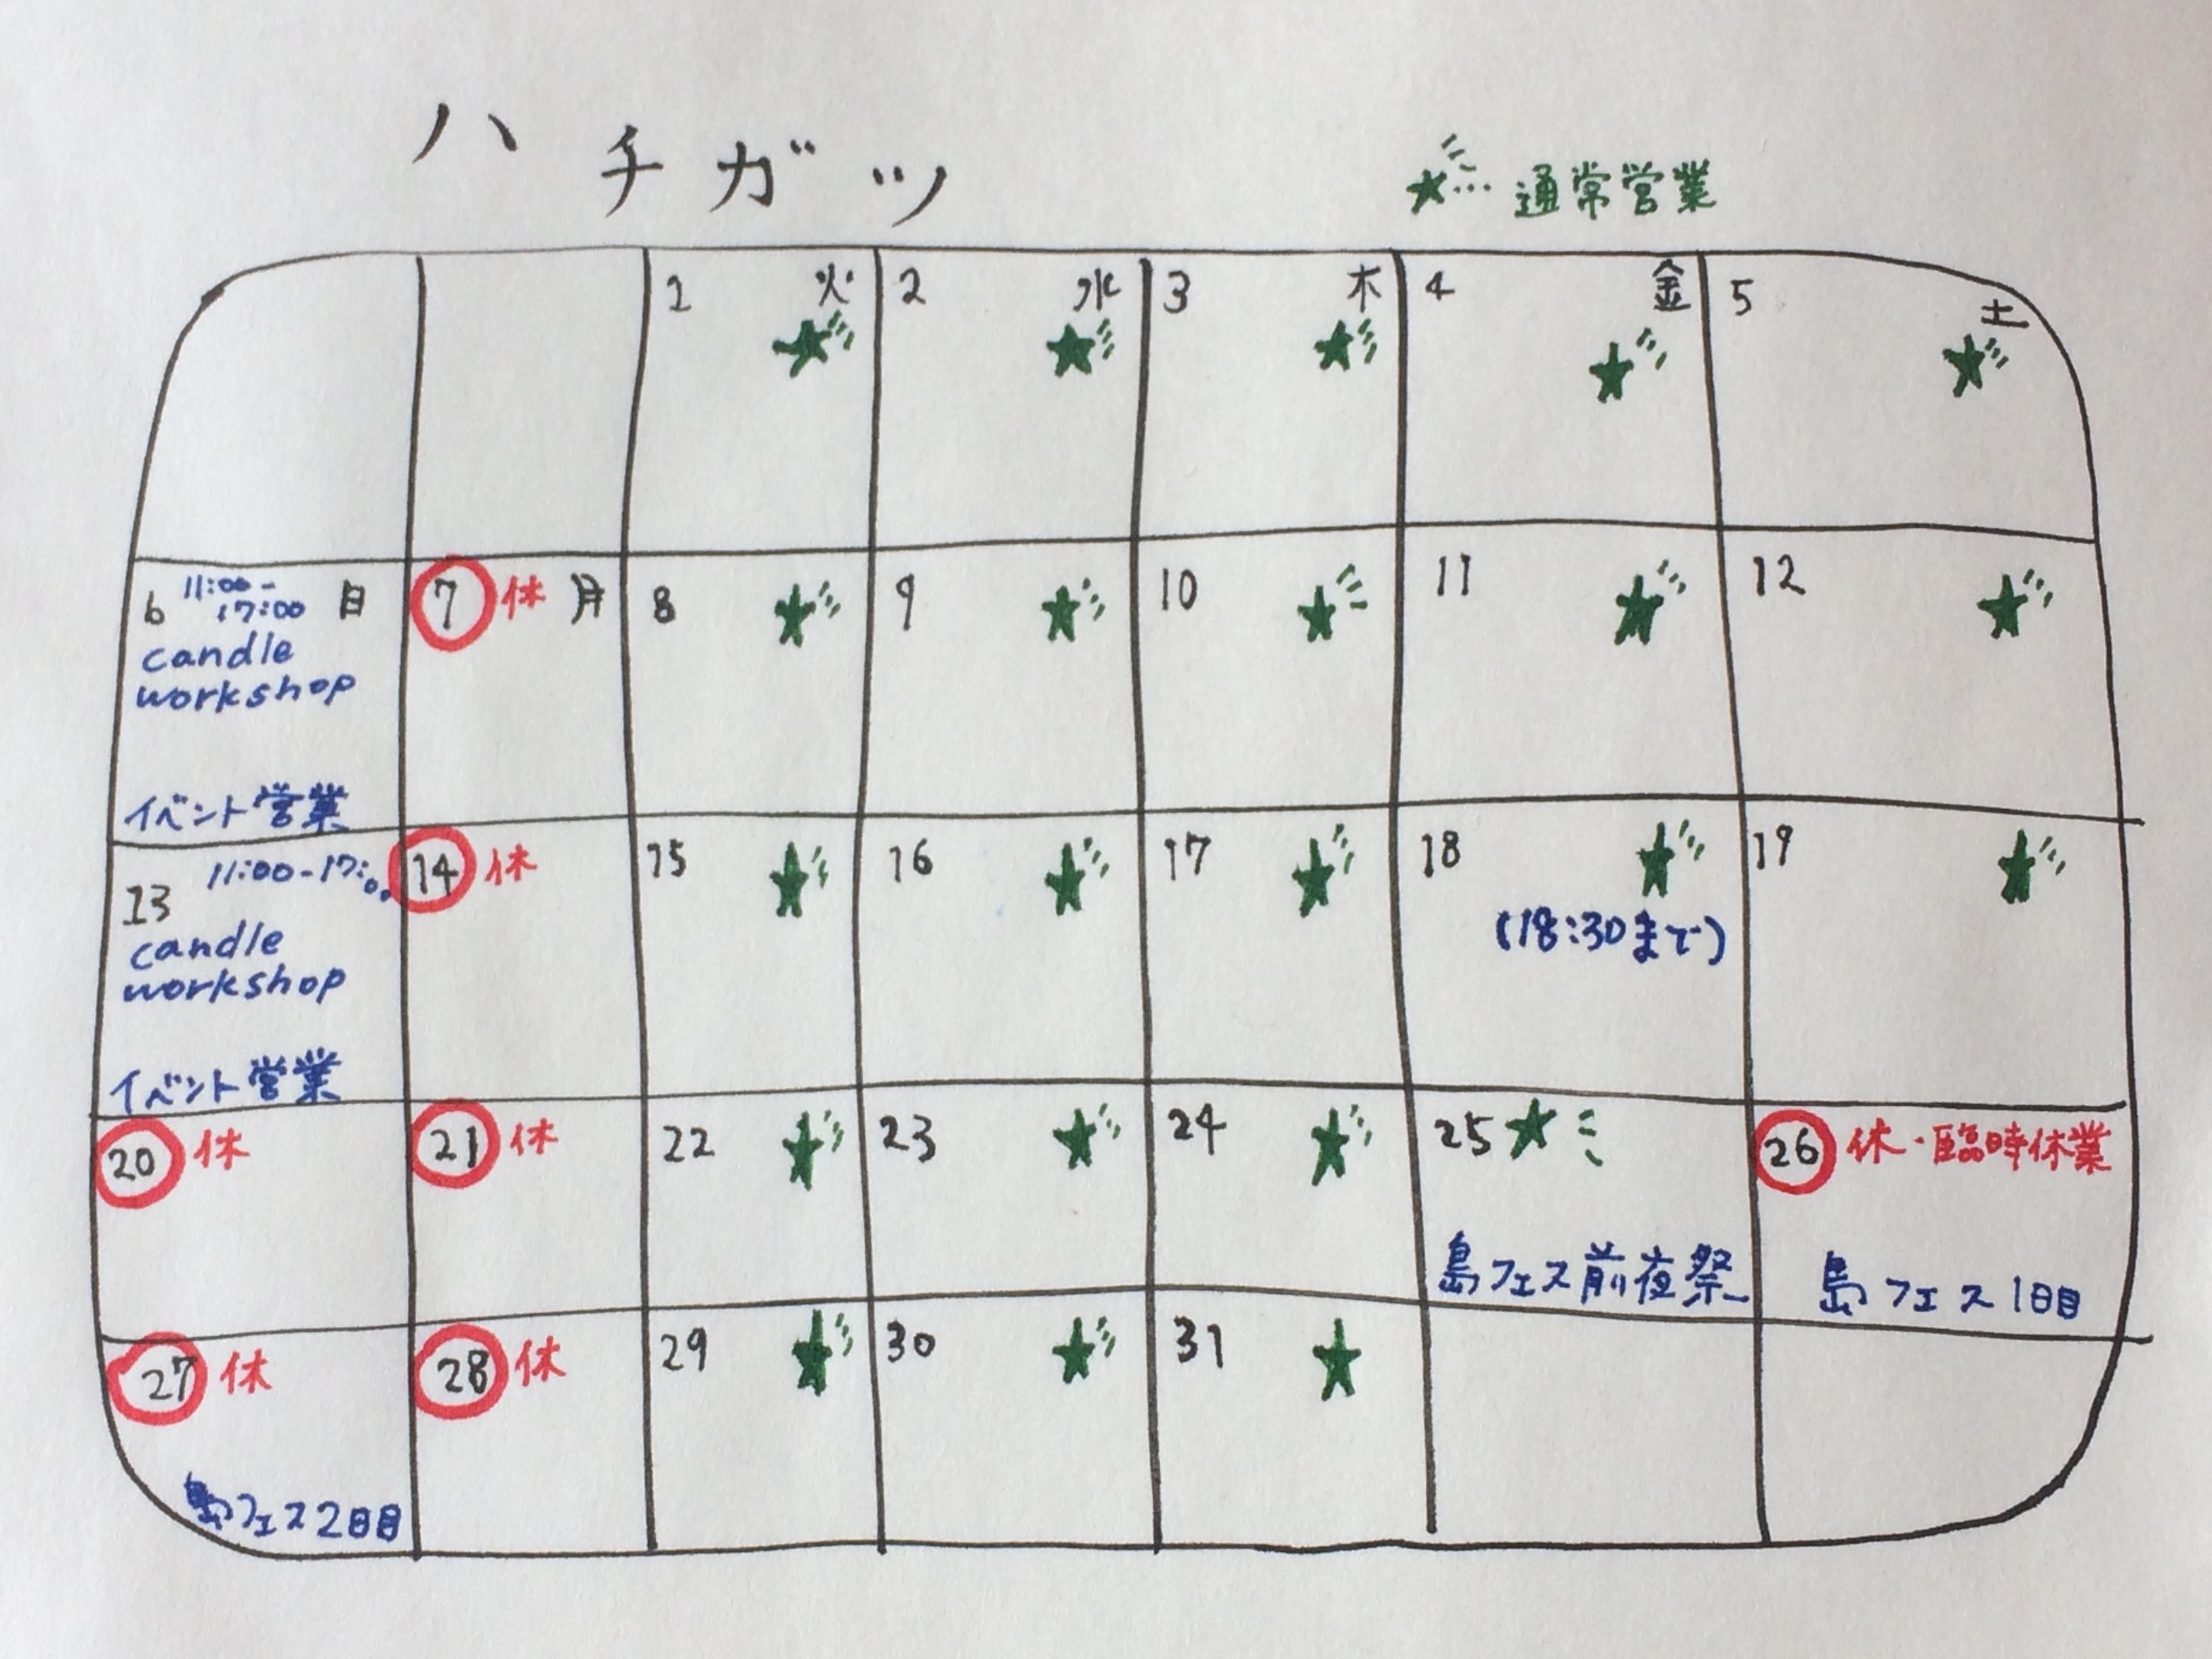 8月の営業カレンダー